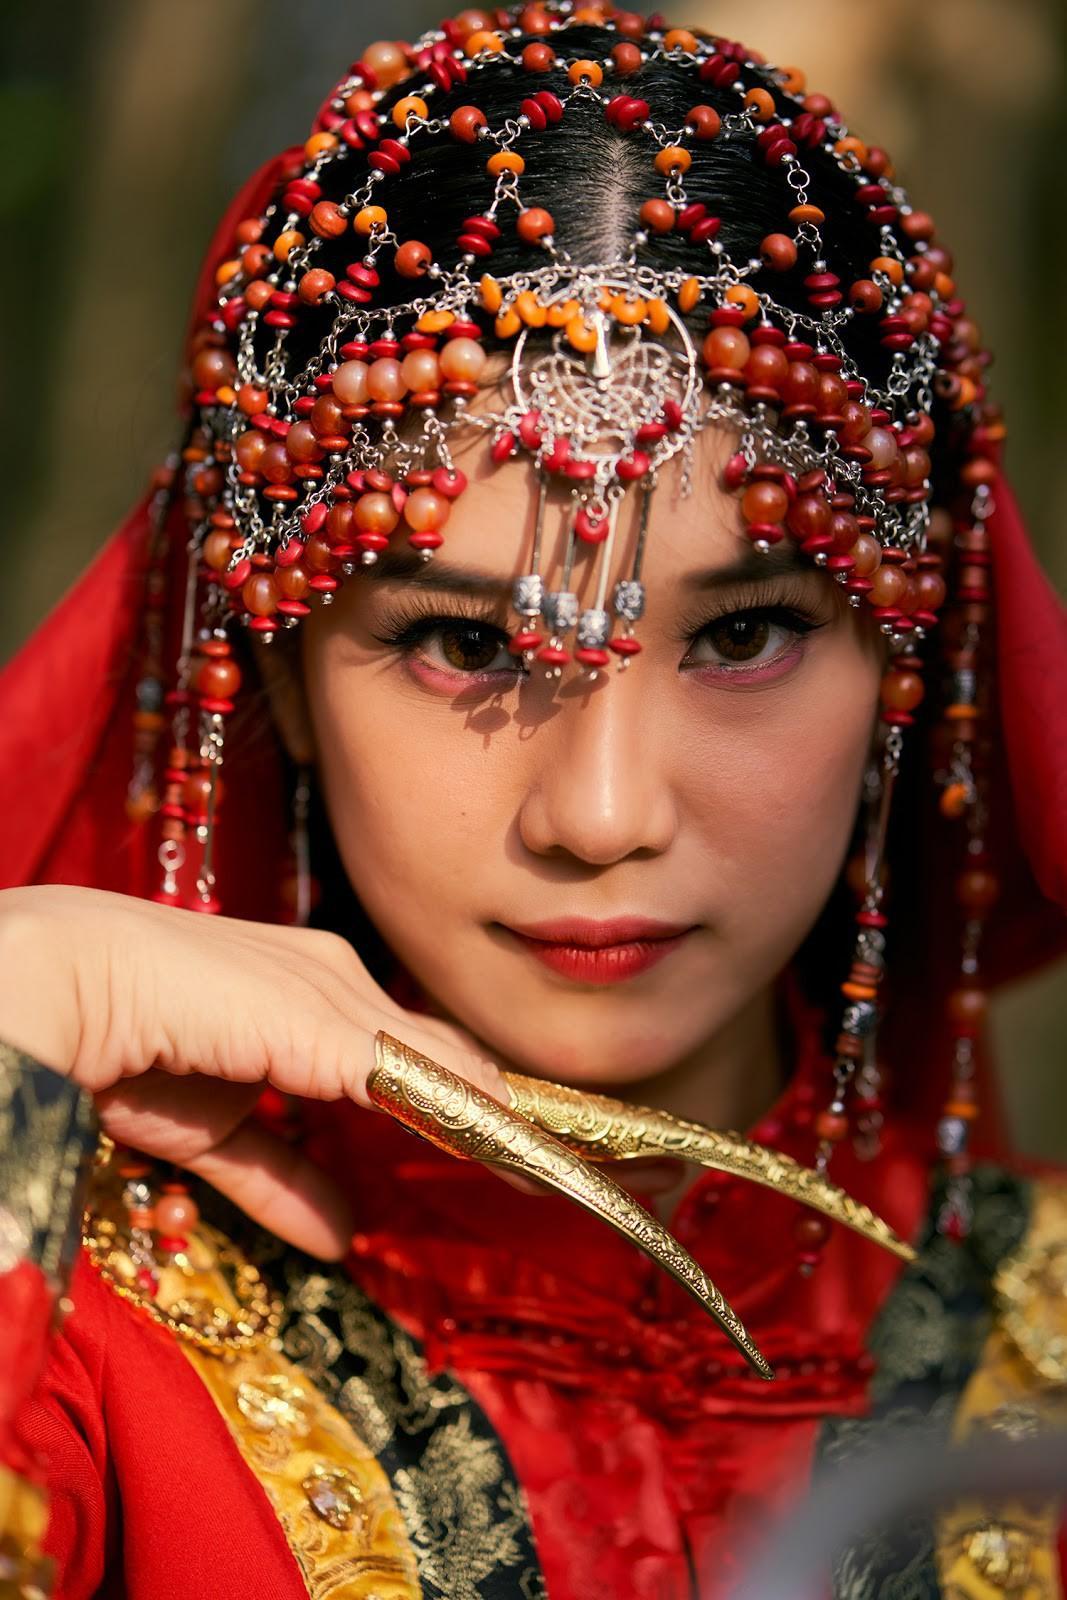 Hoàng Yến Chibi phản hồi khi bị cho đạo nhái 'Đông Cung' Ảnh 1